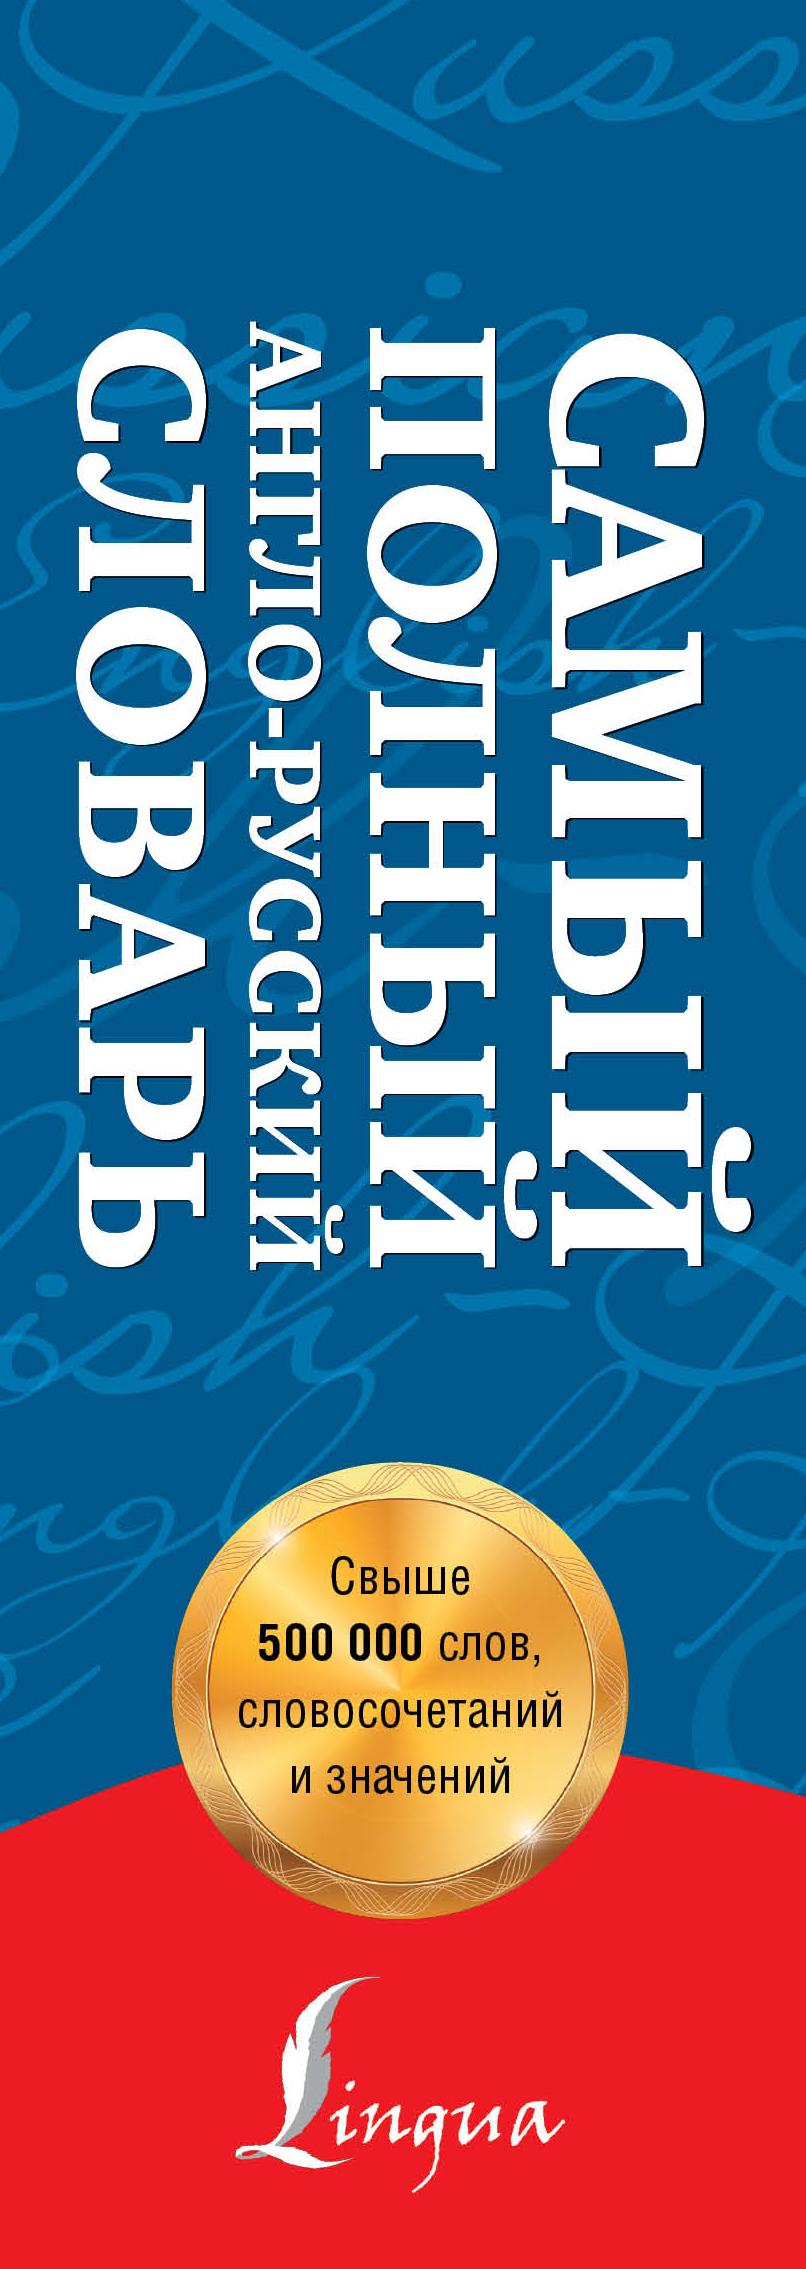 Новый англо-русский словарь. В 2 томах (комплект)